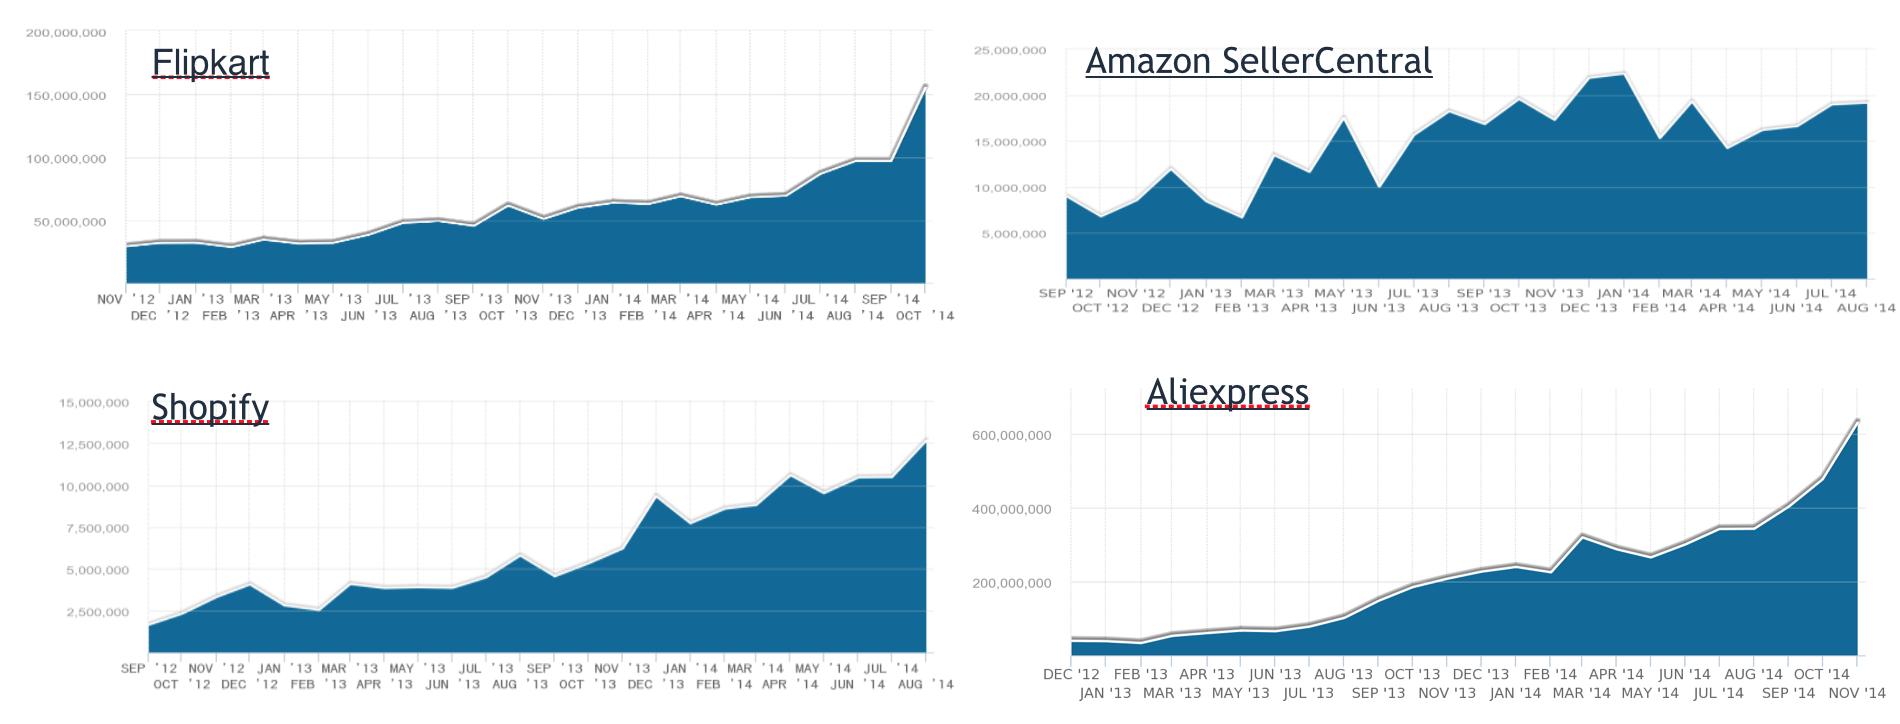 ecommerce-market